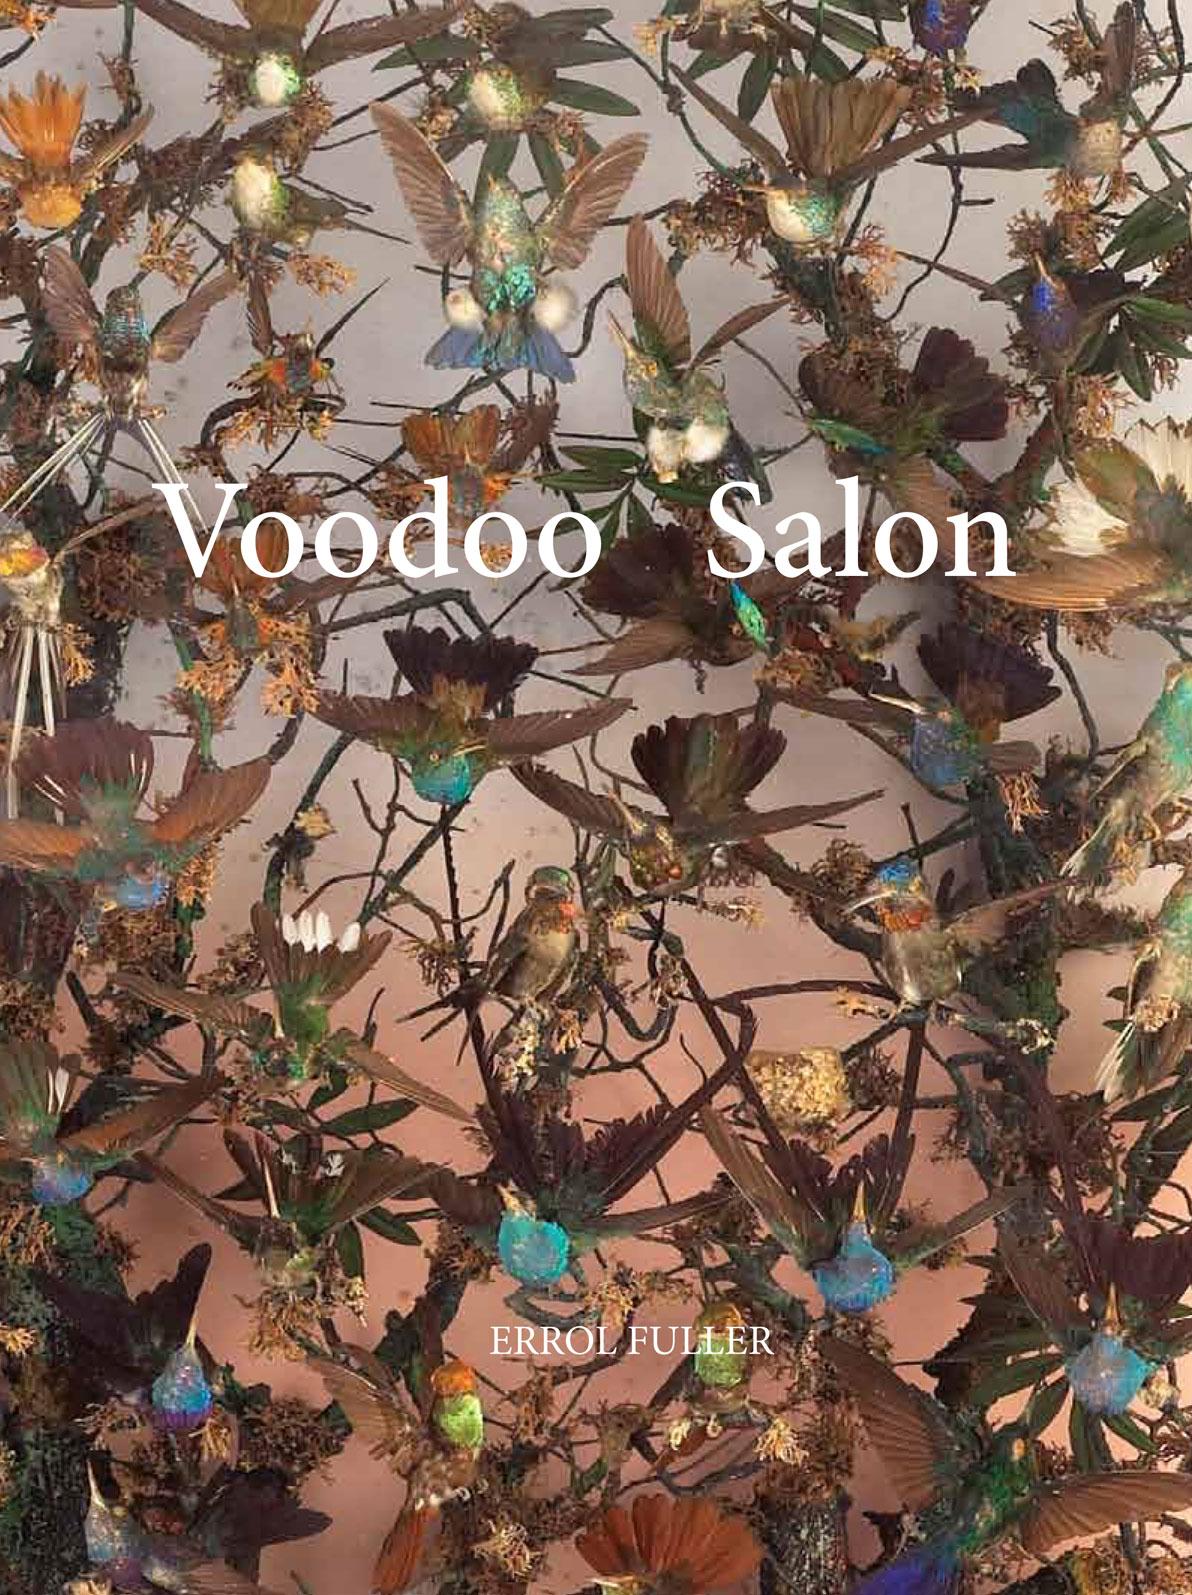 Voodoo Salon